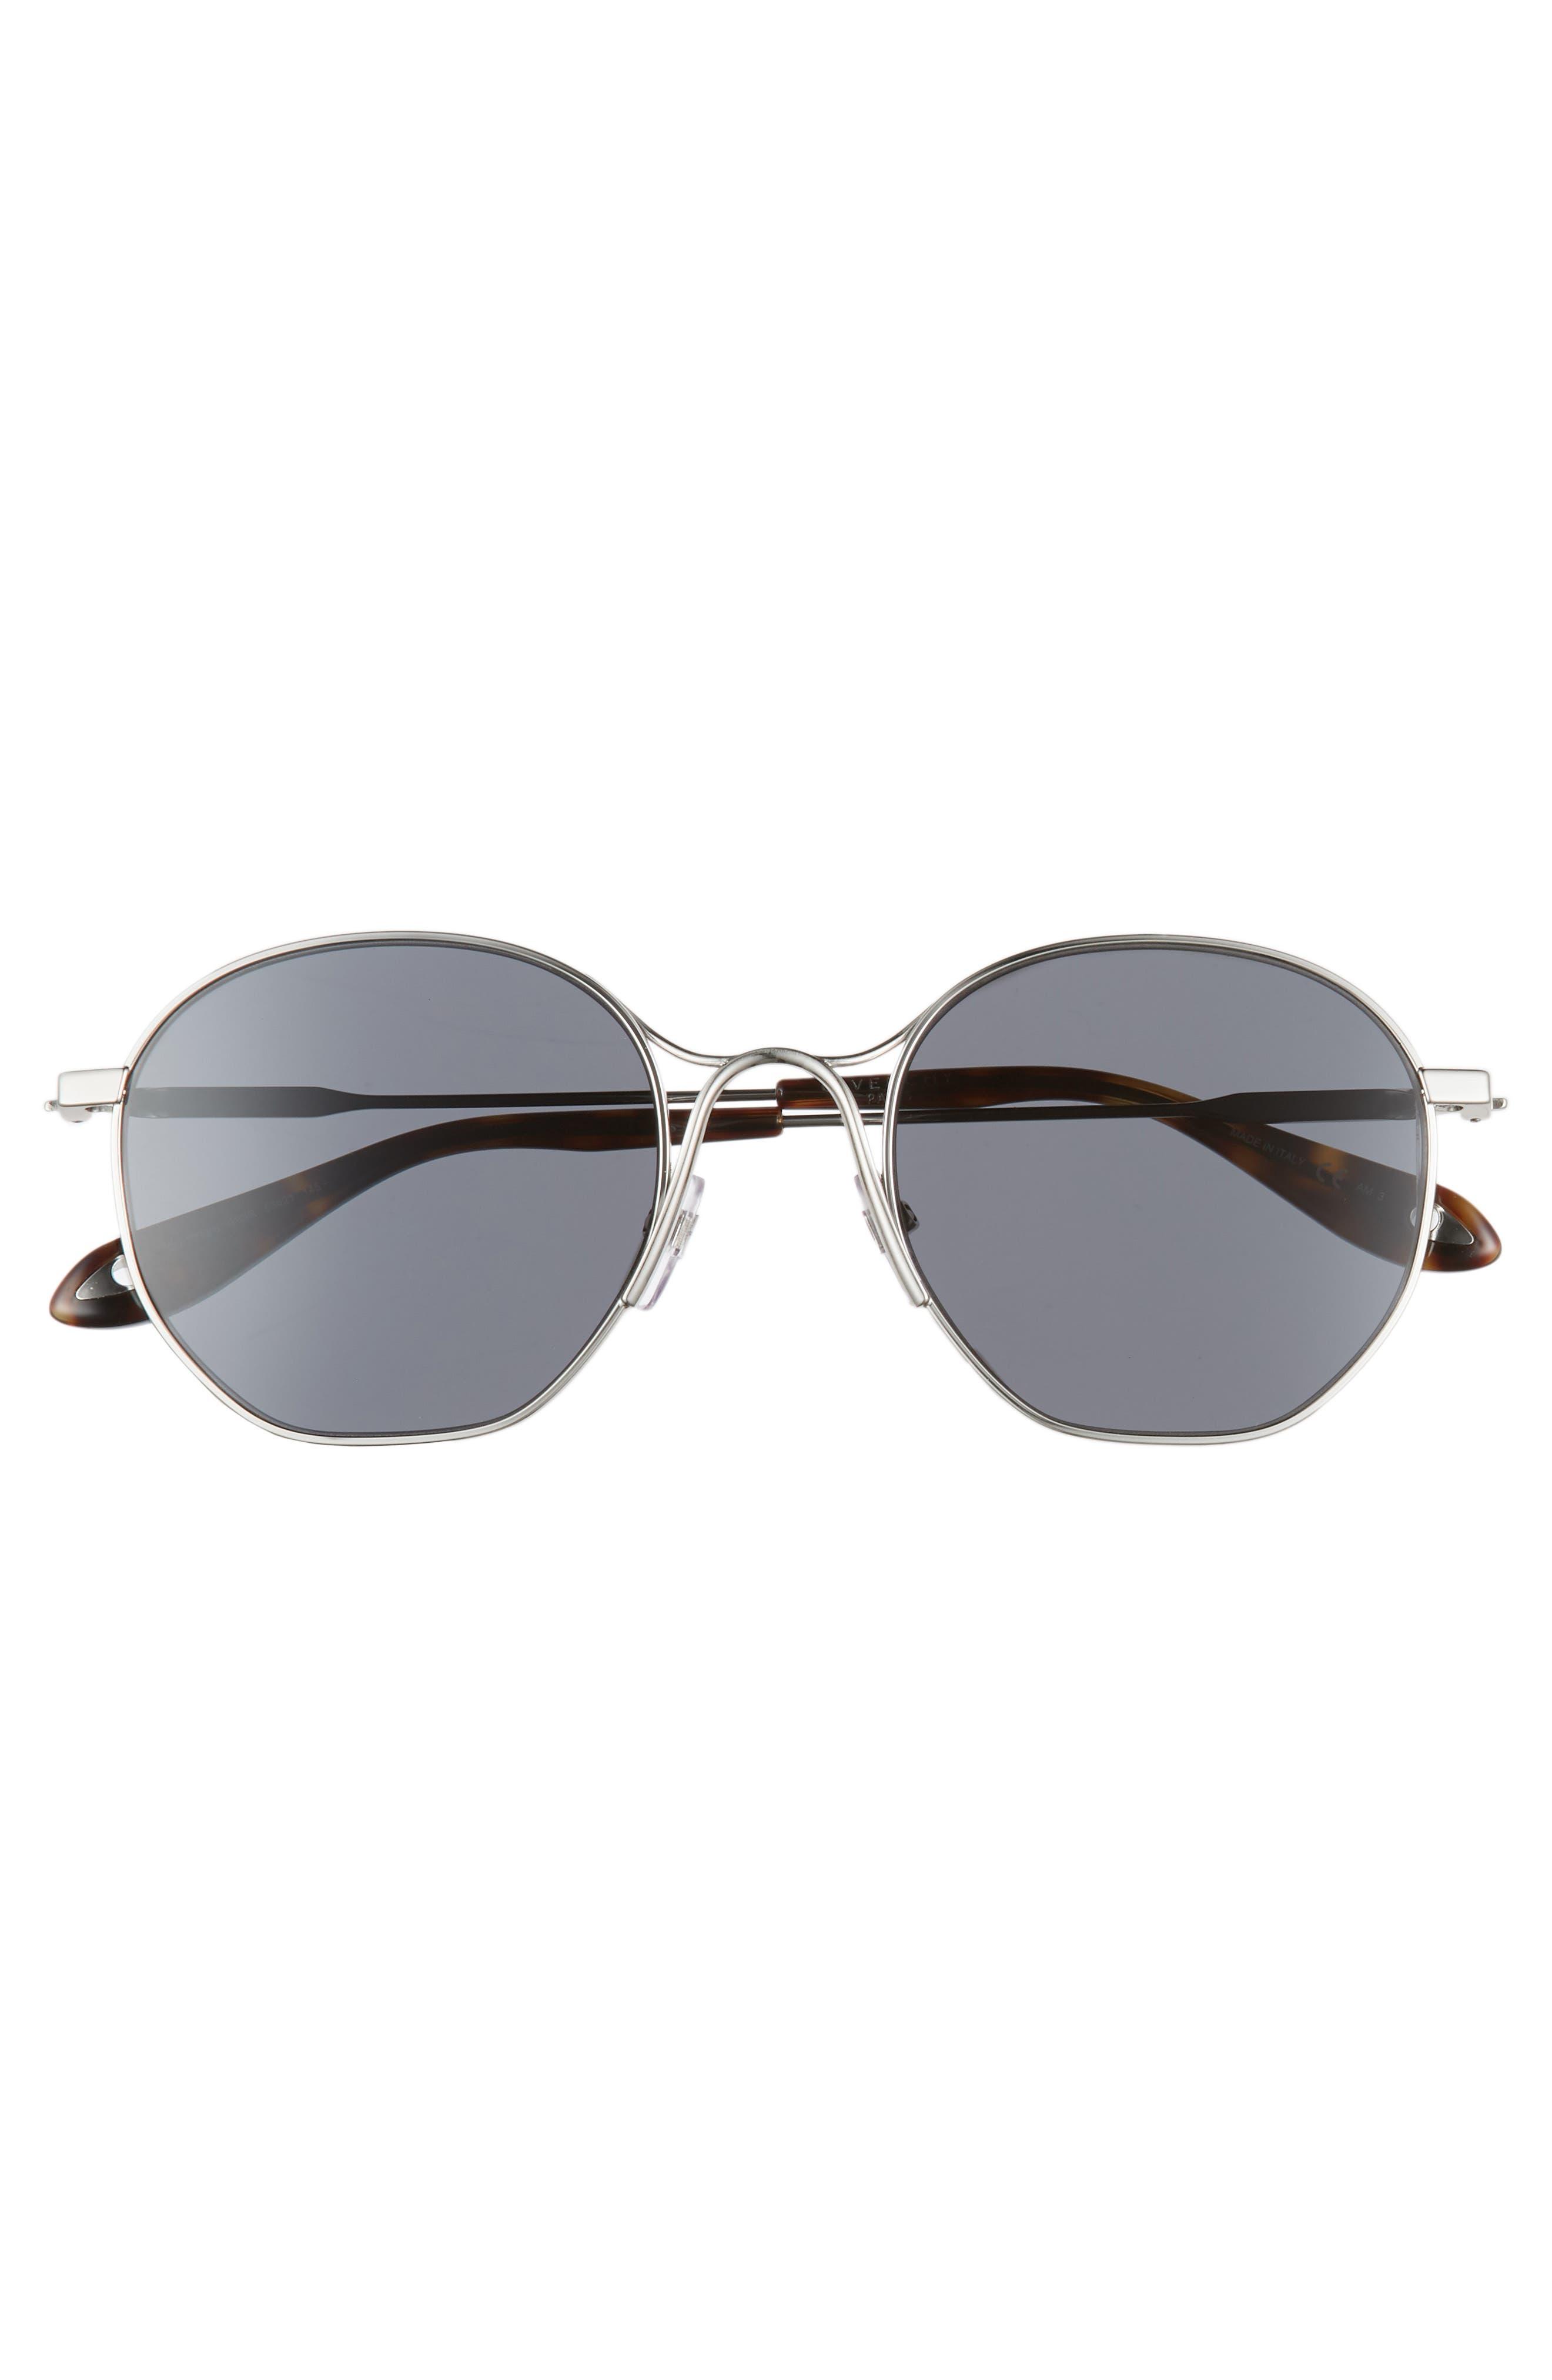 53mm Squared Round Metal Sunglasses,                             Alternate thumbnail 3, color,                             PALLADIUM